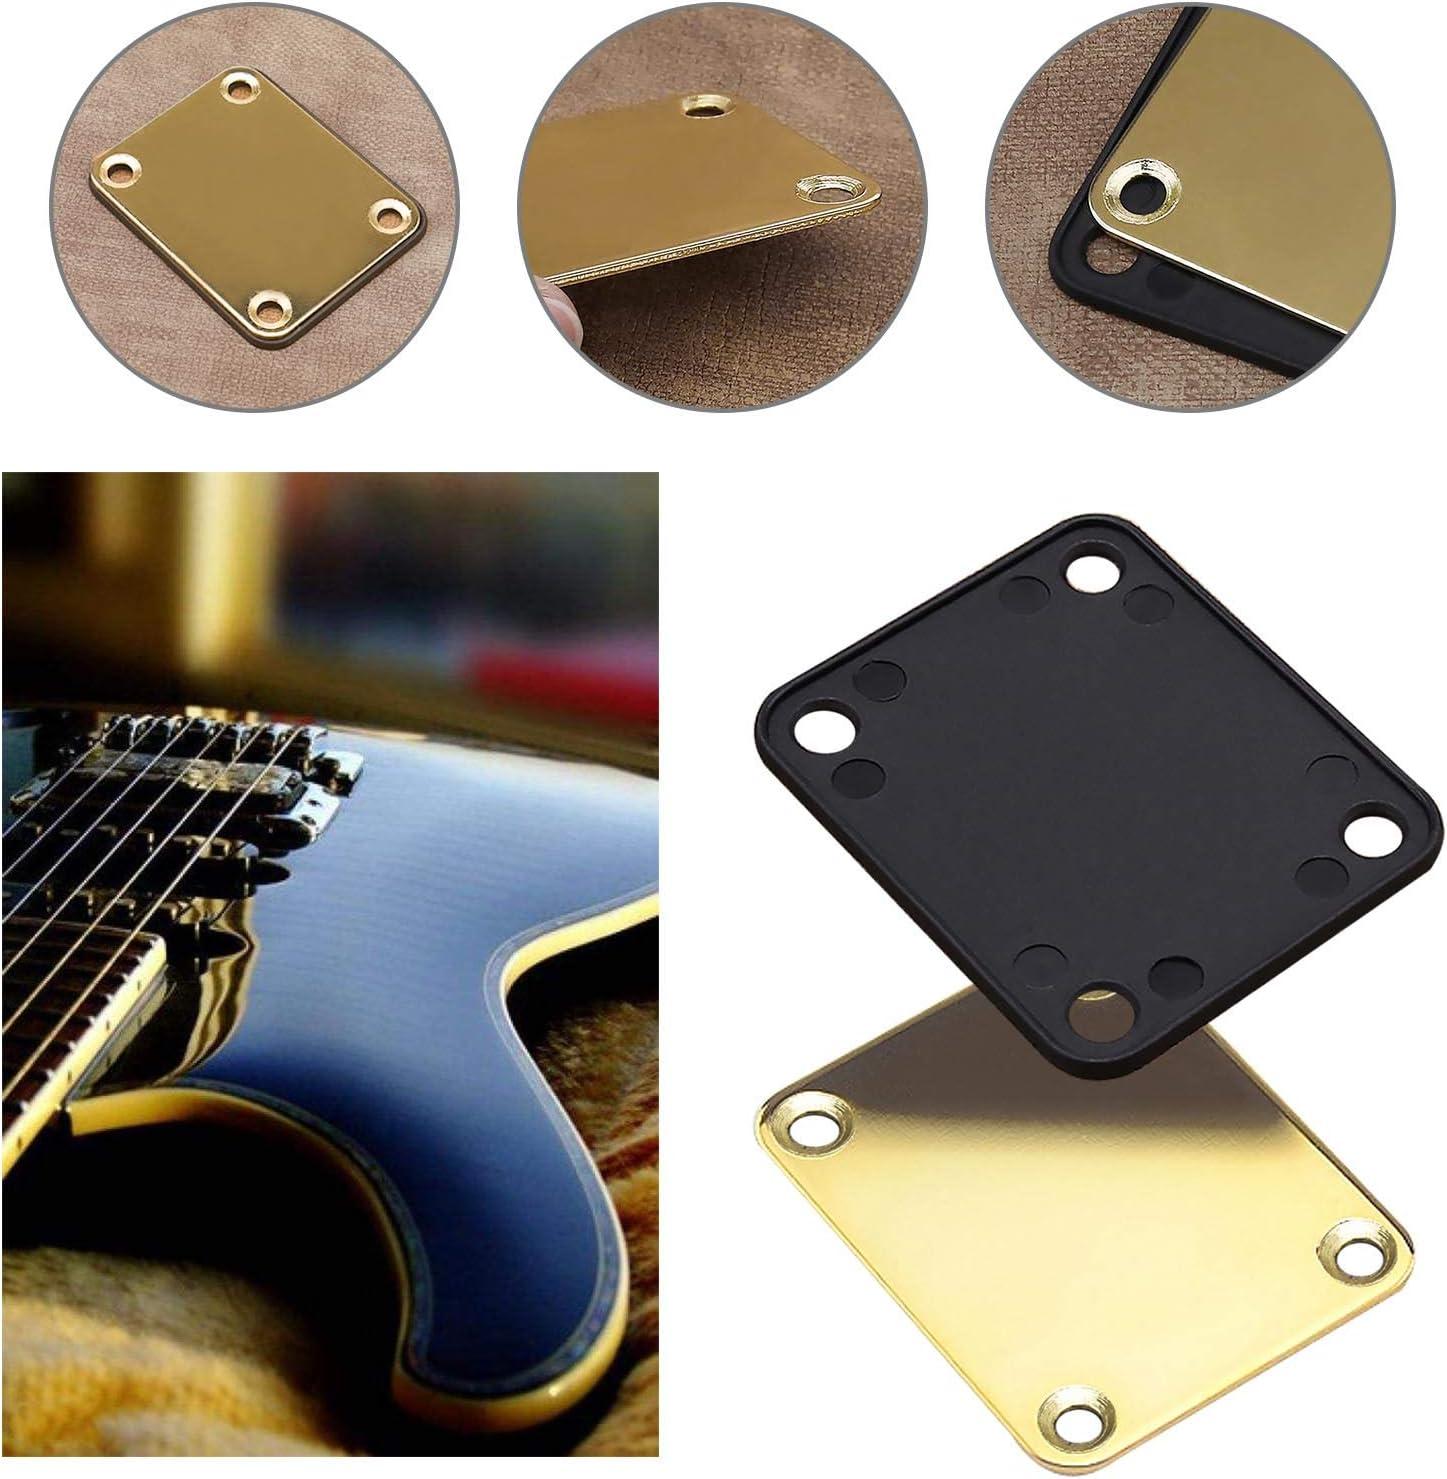 Placa para el cuello de la guitarra dorada con tornillos de montaje en la parte trasera de pl/ástico 4 agujeros compatible con Strat Tele guitarra el/éctrica bajo